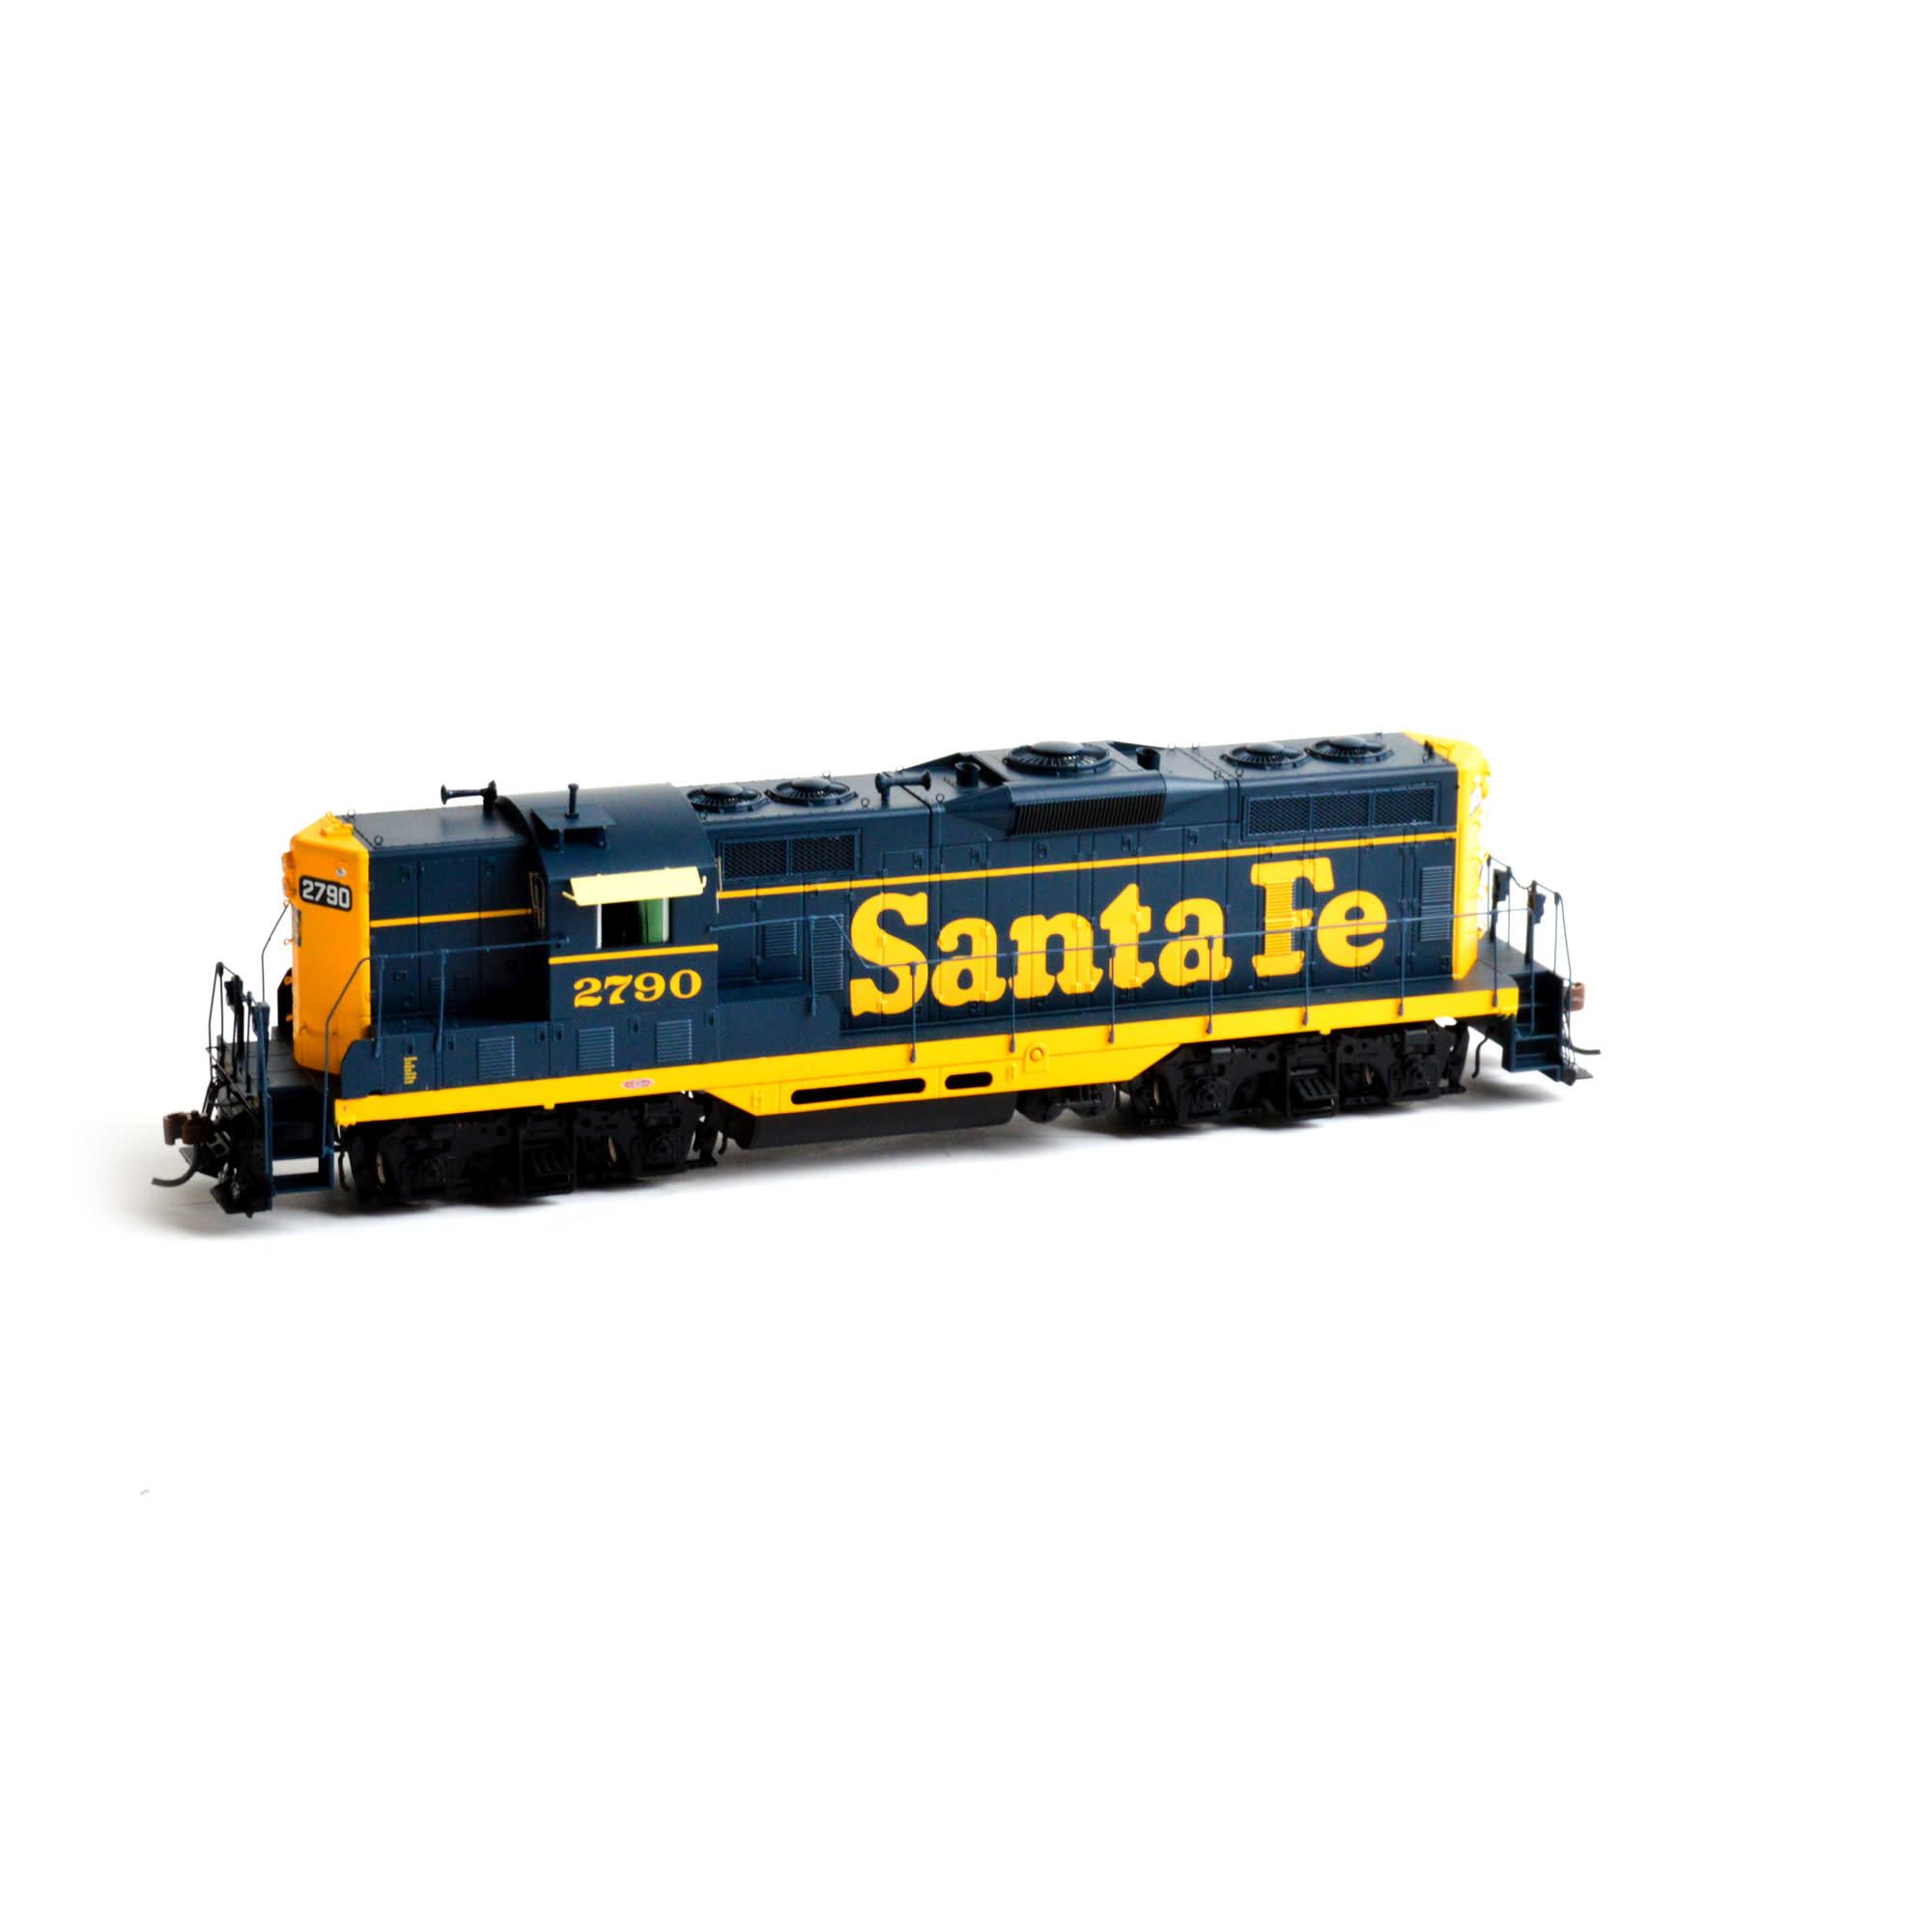 64249 Santa Fe GP7 diesellocomotief DCC sound-1